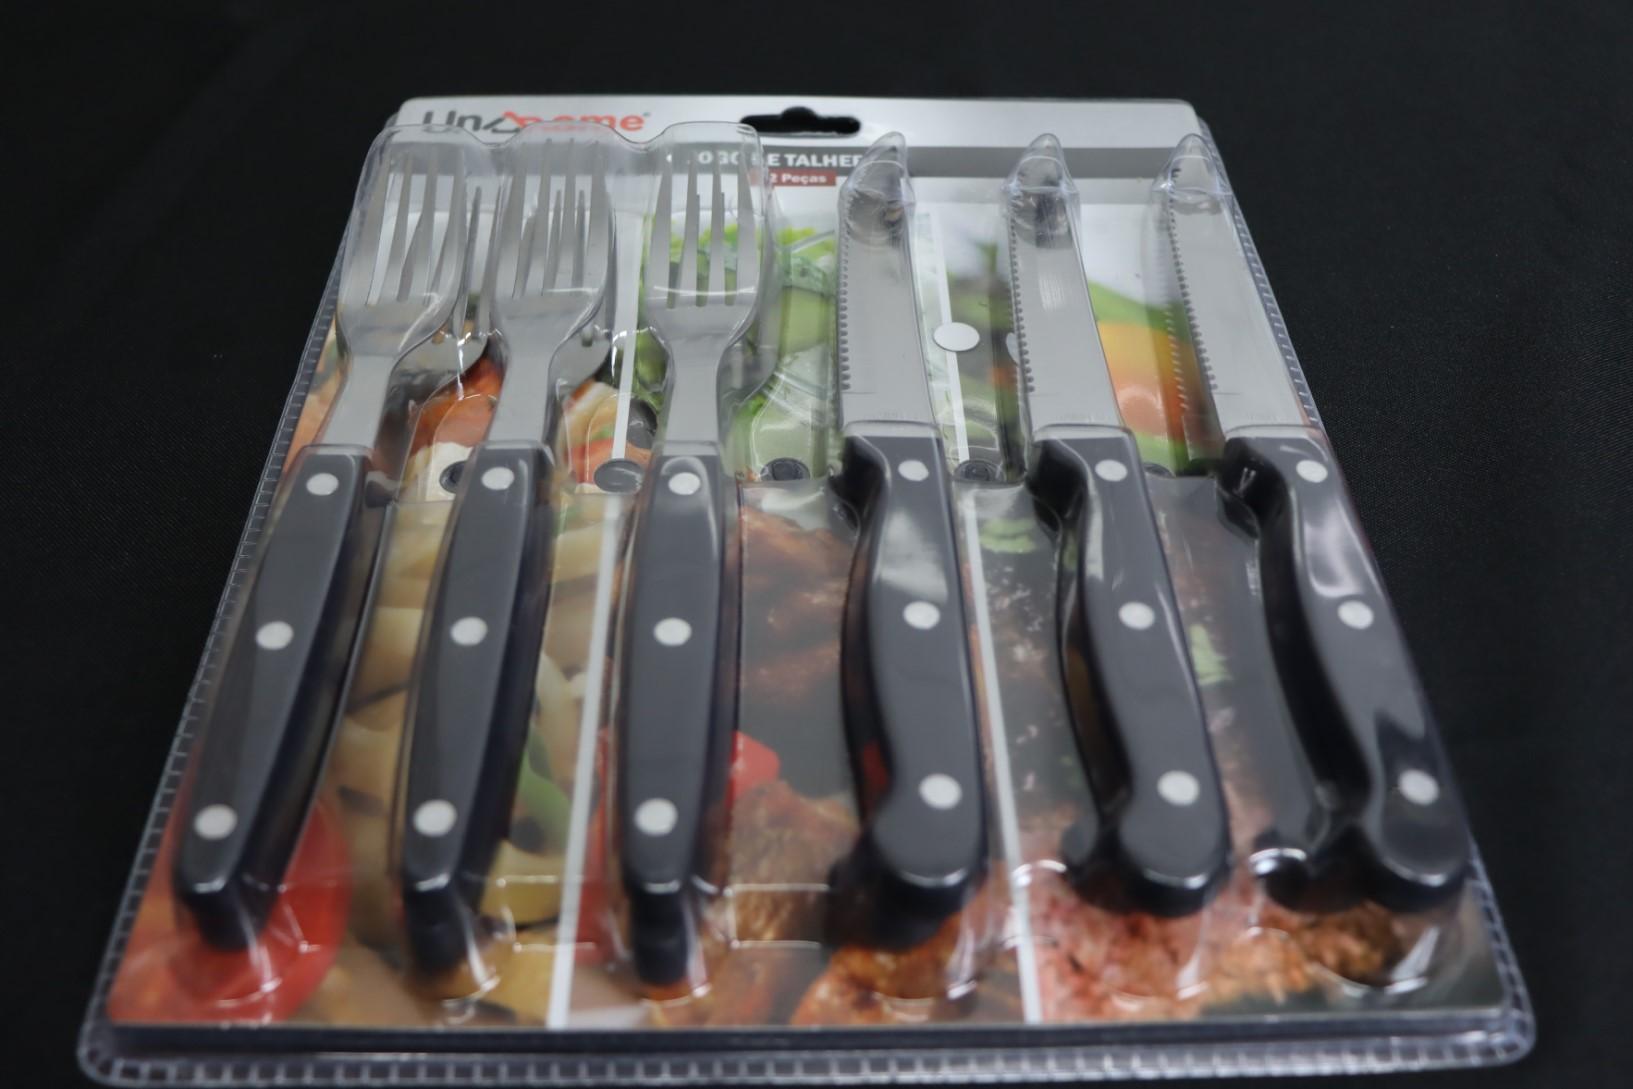 faqueiro jogo de garfo e faca 12 peças talheres em aço inox para churrasco almoço e janta